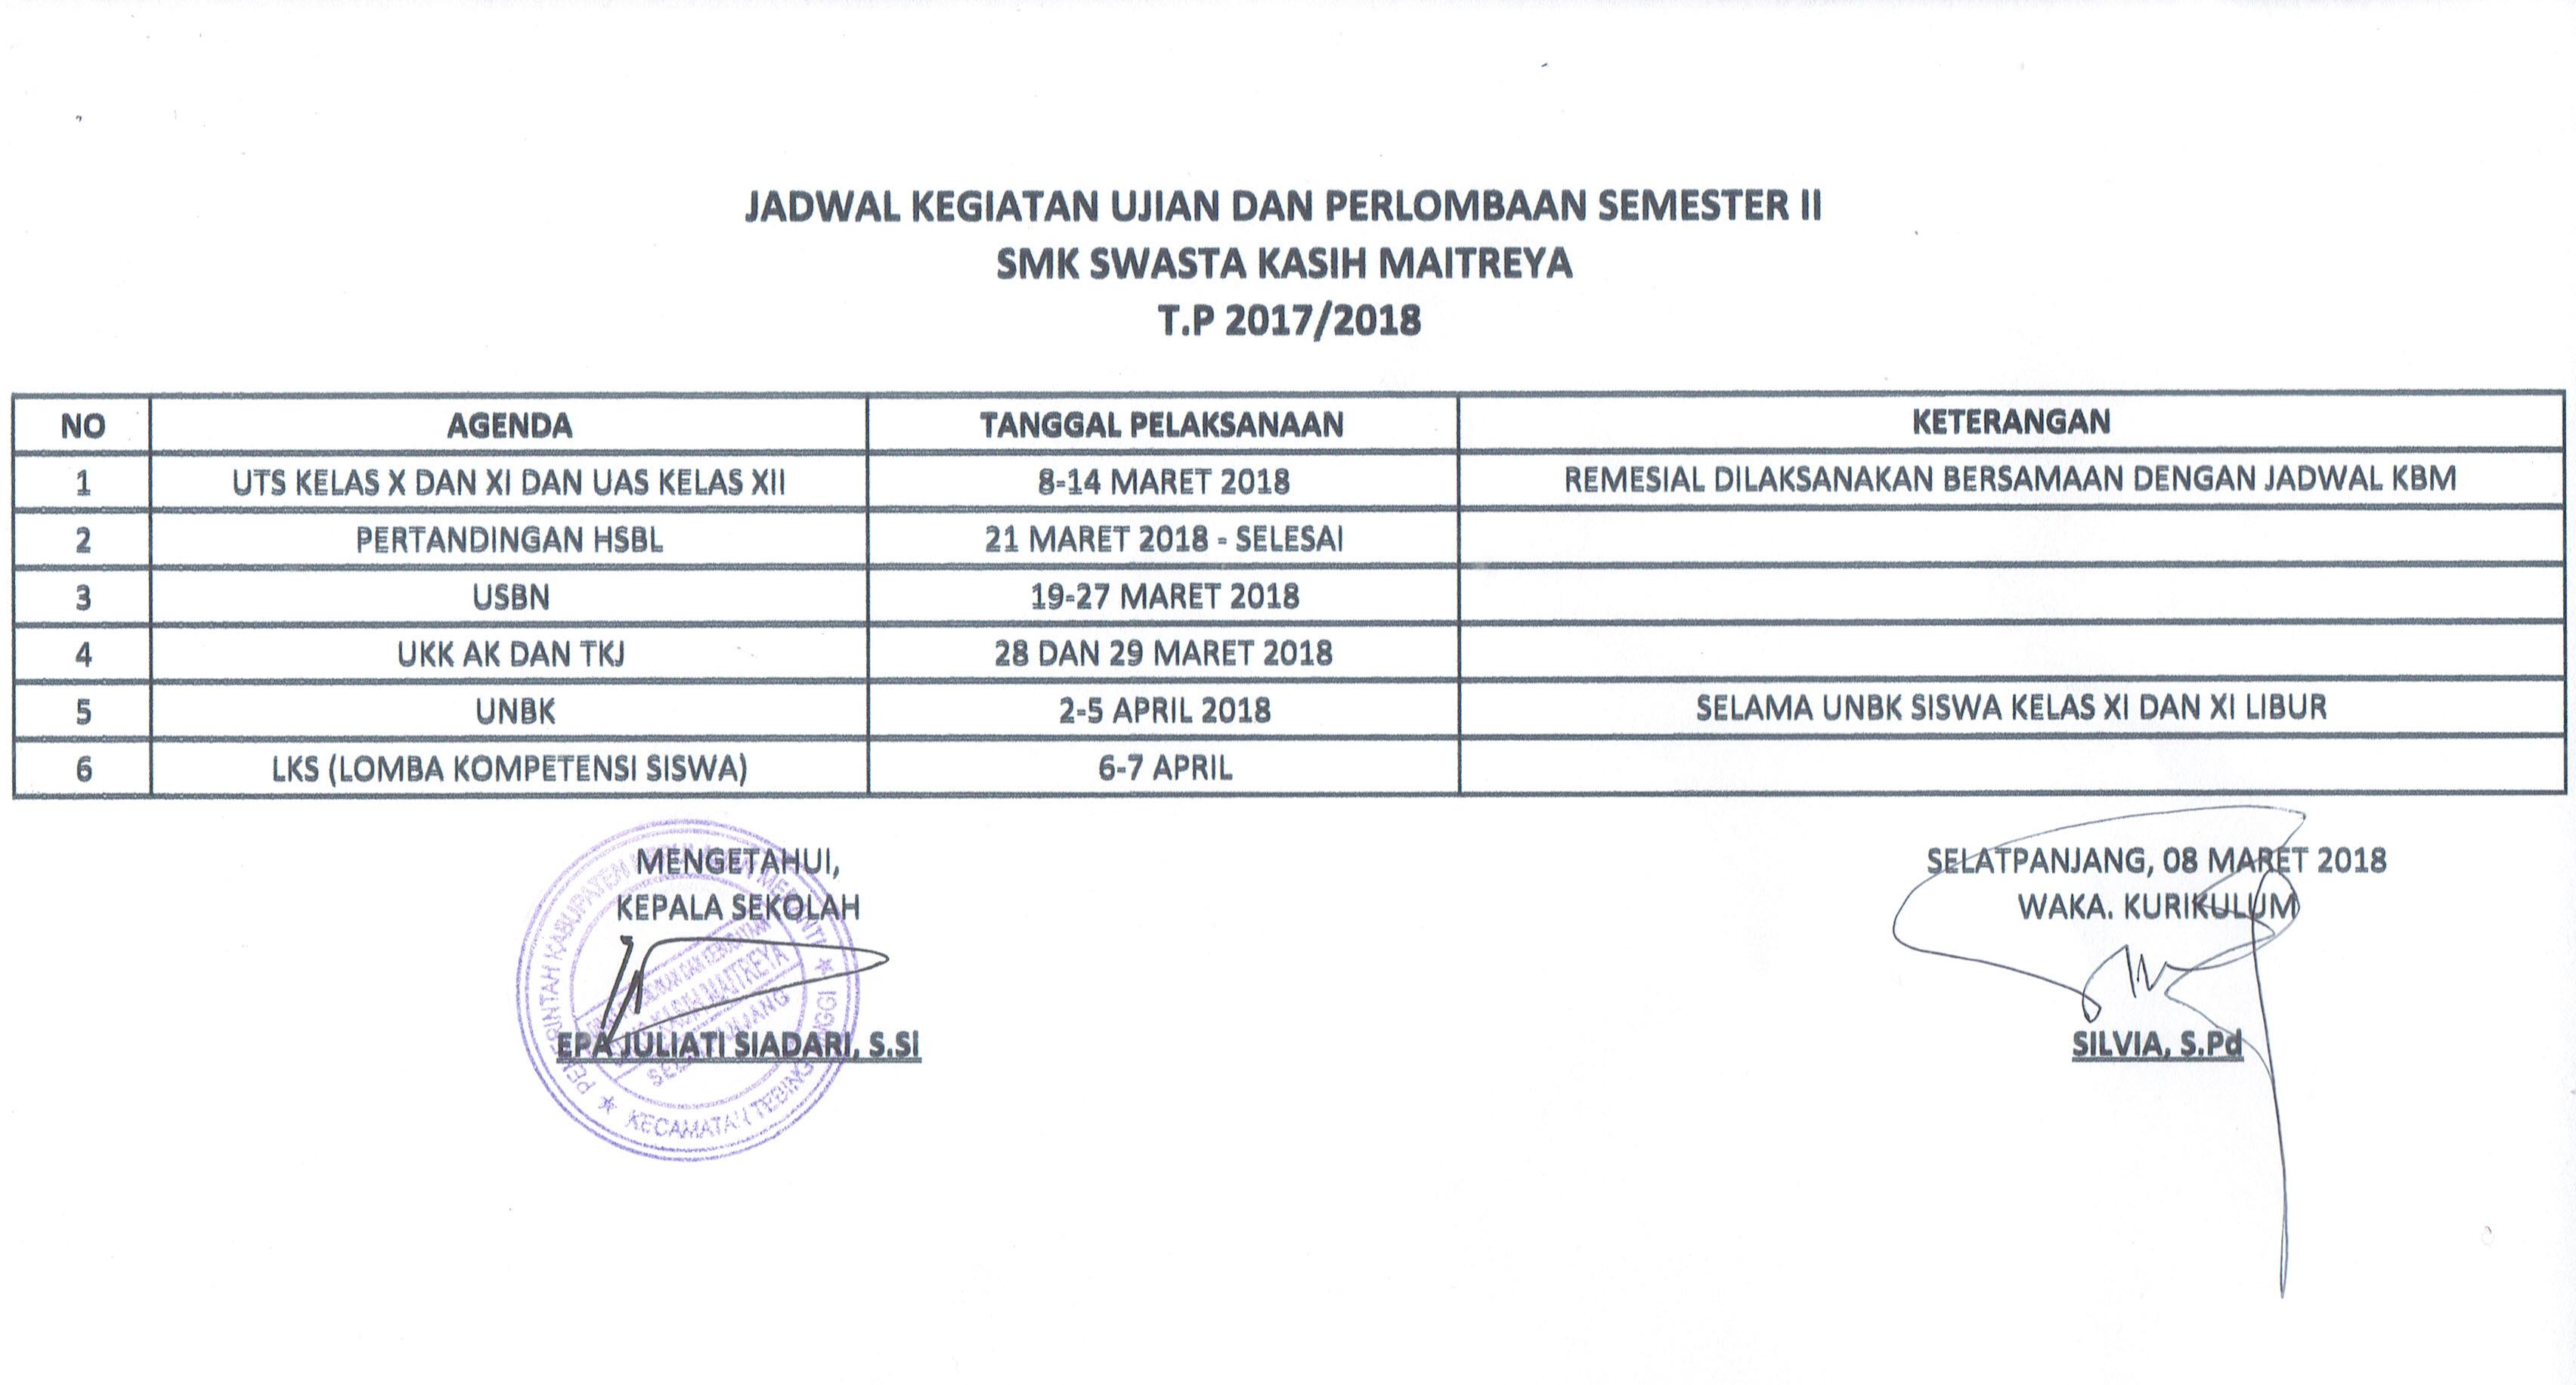 Jadwal Kegiatan Ujian dan Perlombaan Semester II